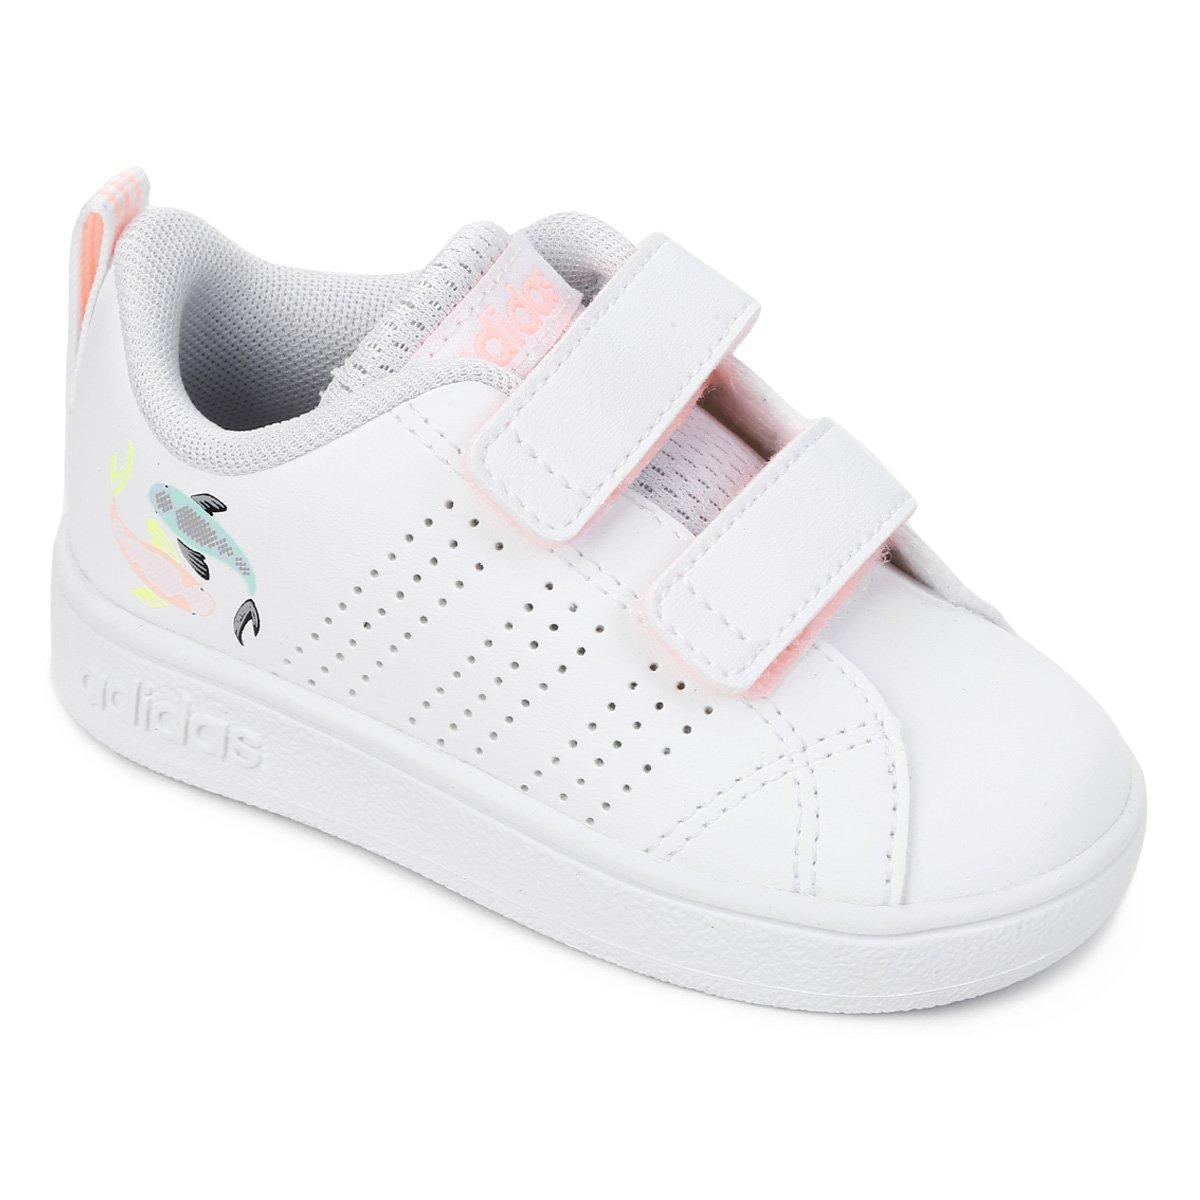 Tênis Infantil Adidas Advantage Clean Comfort VS